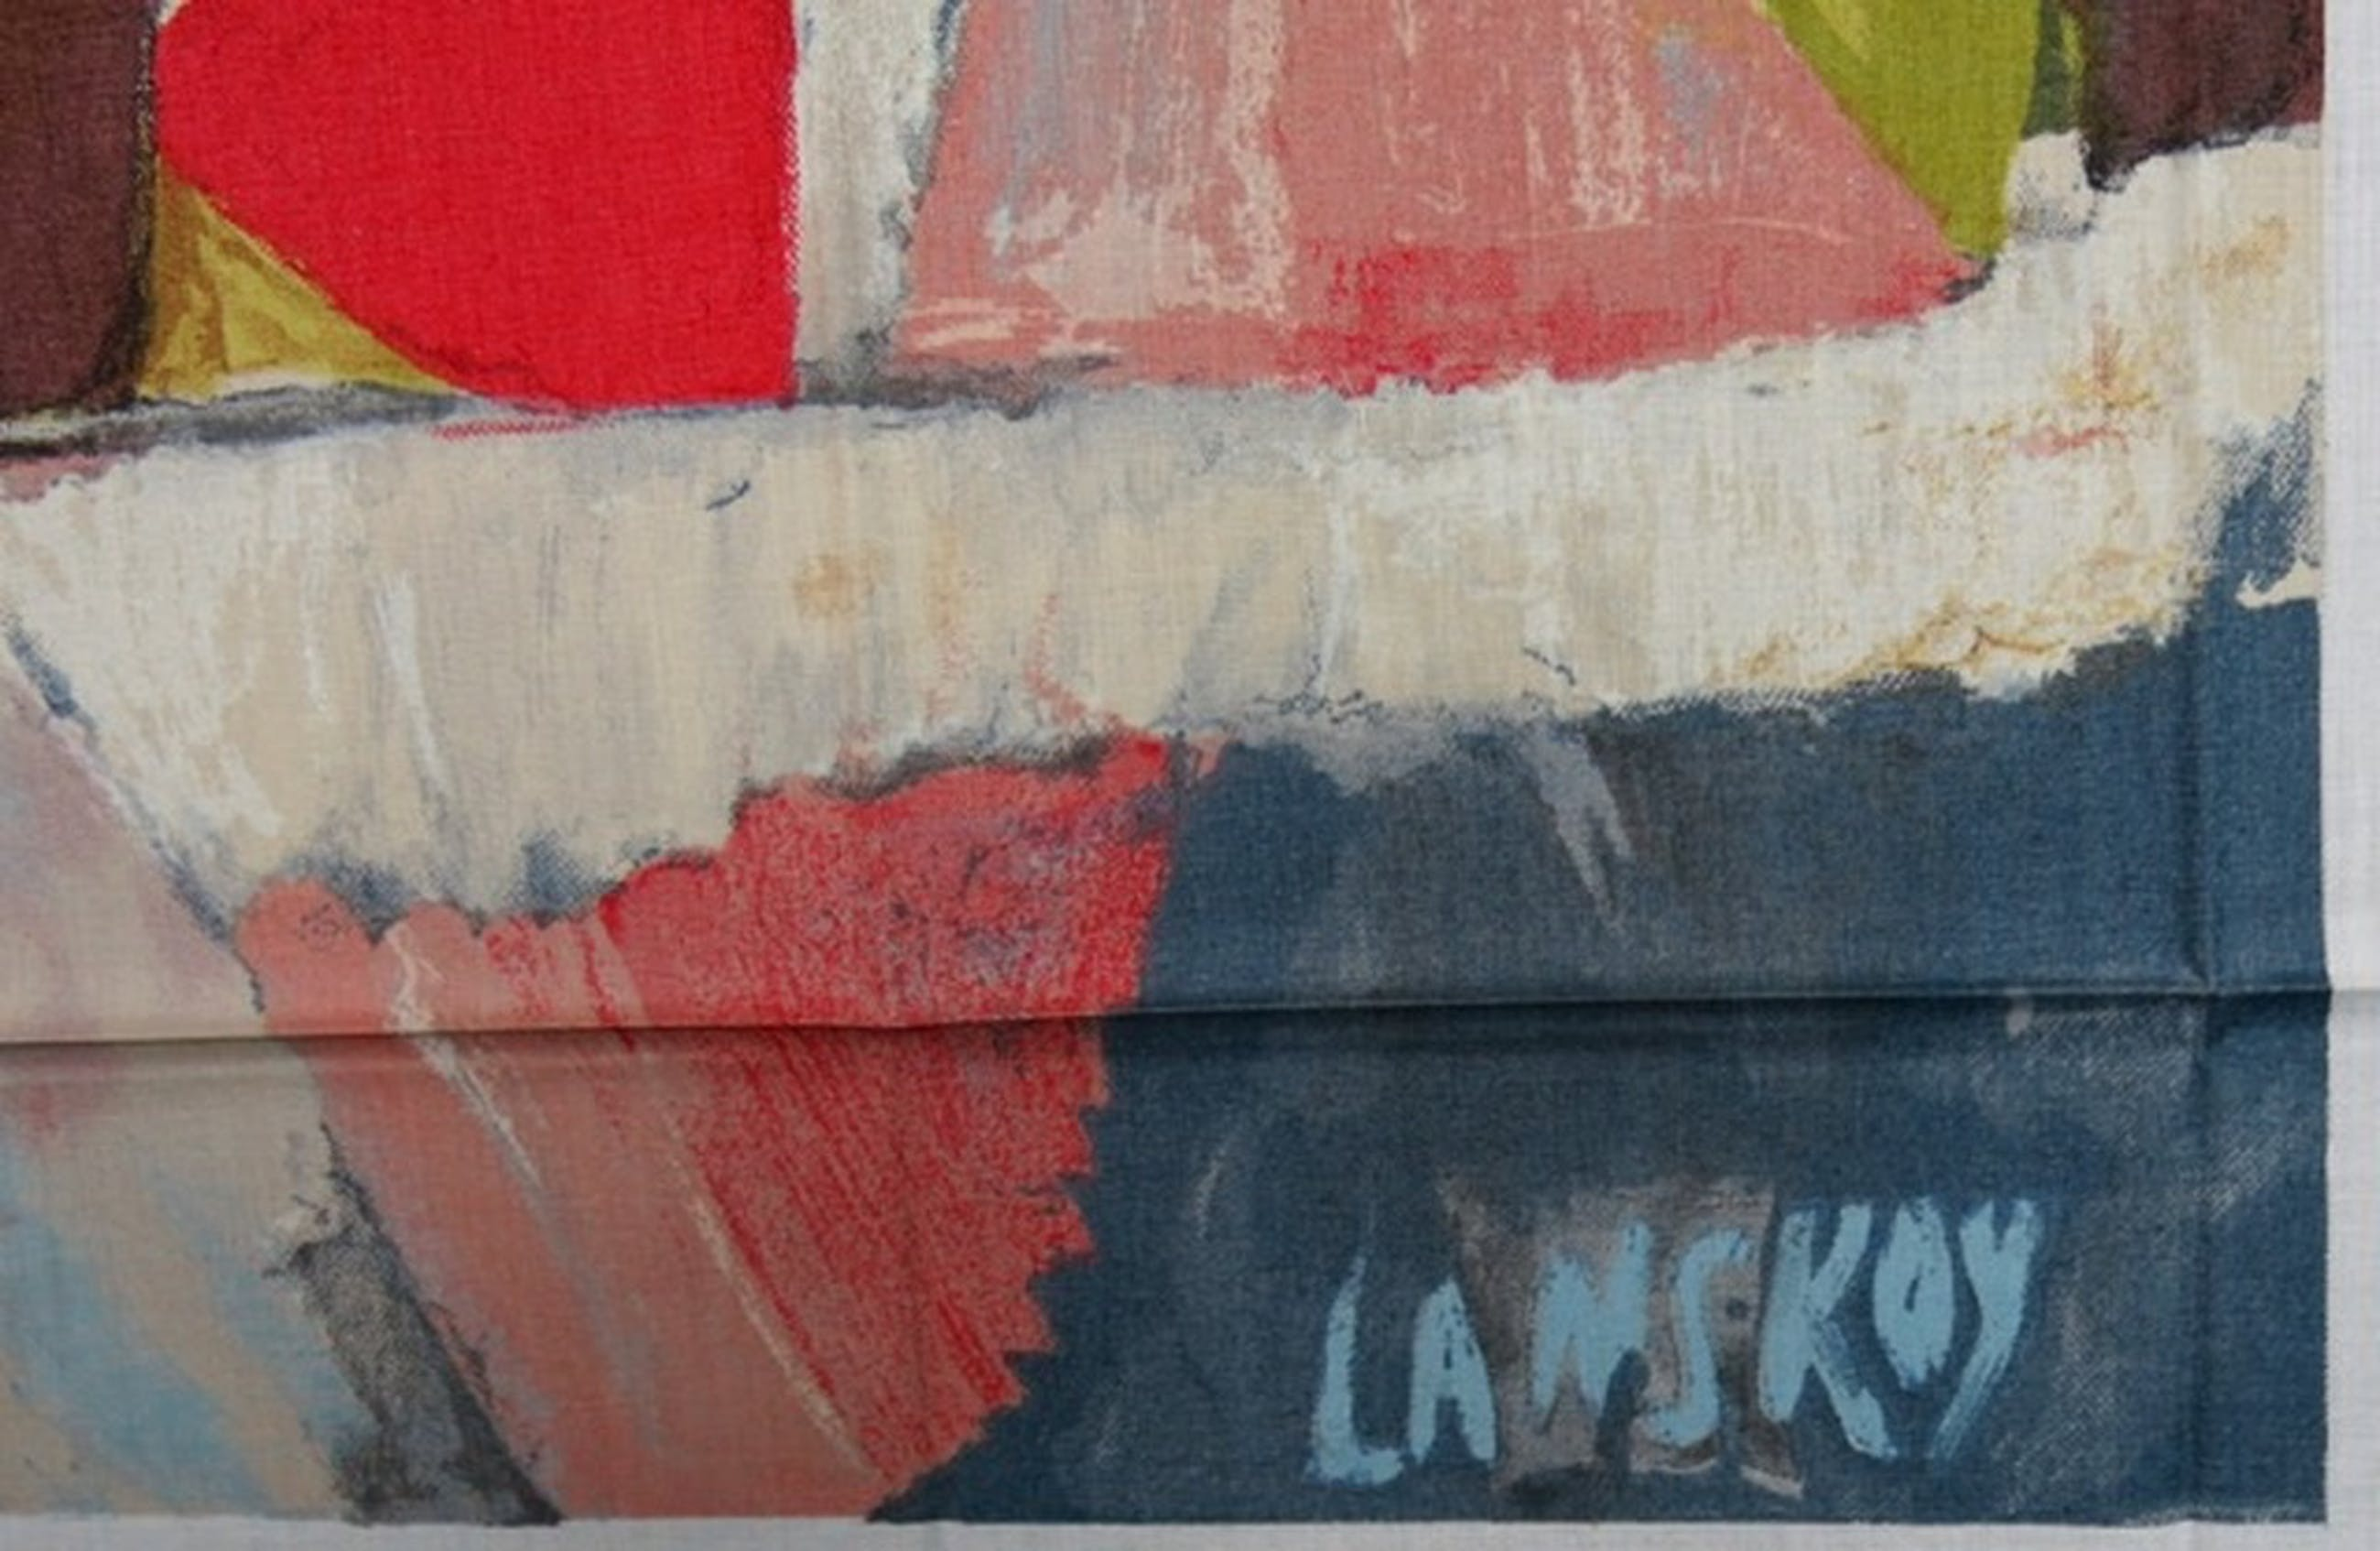 Andre Lanskoy: Zeefdruk op katoenzijde, Le poids d'un cartonnage kopen? Bied vanaf 1!